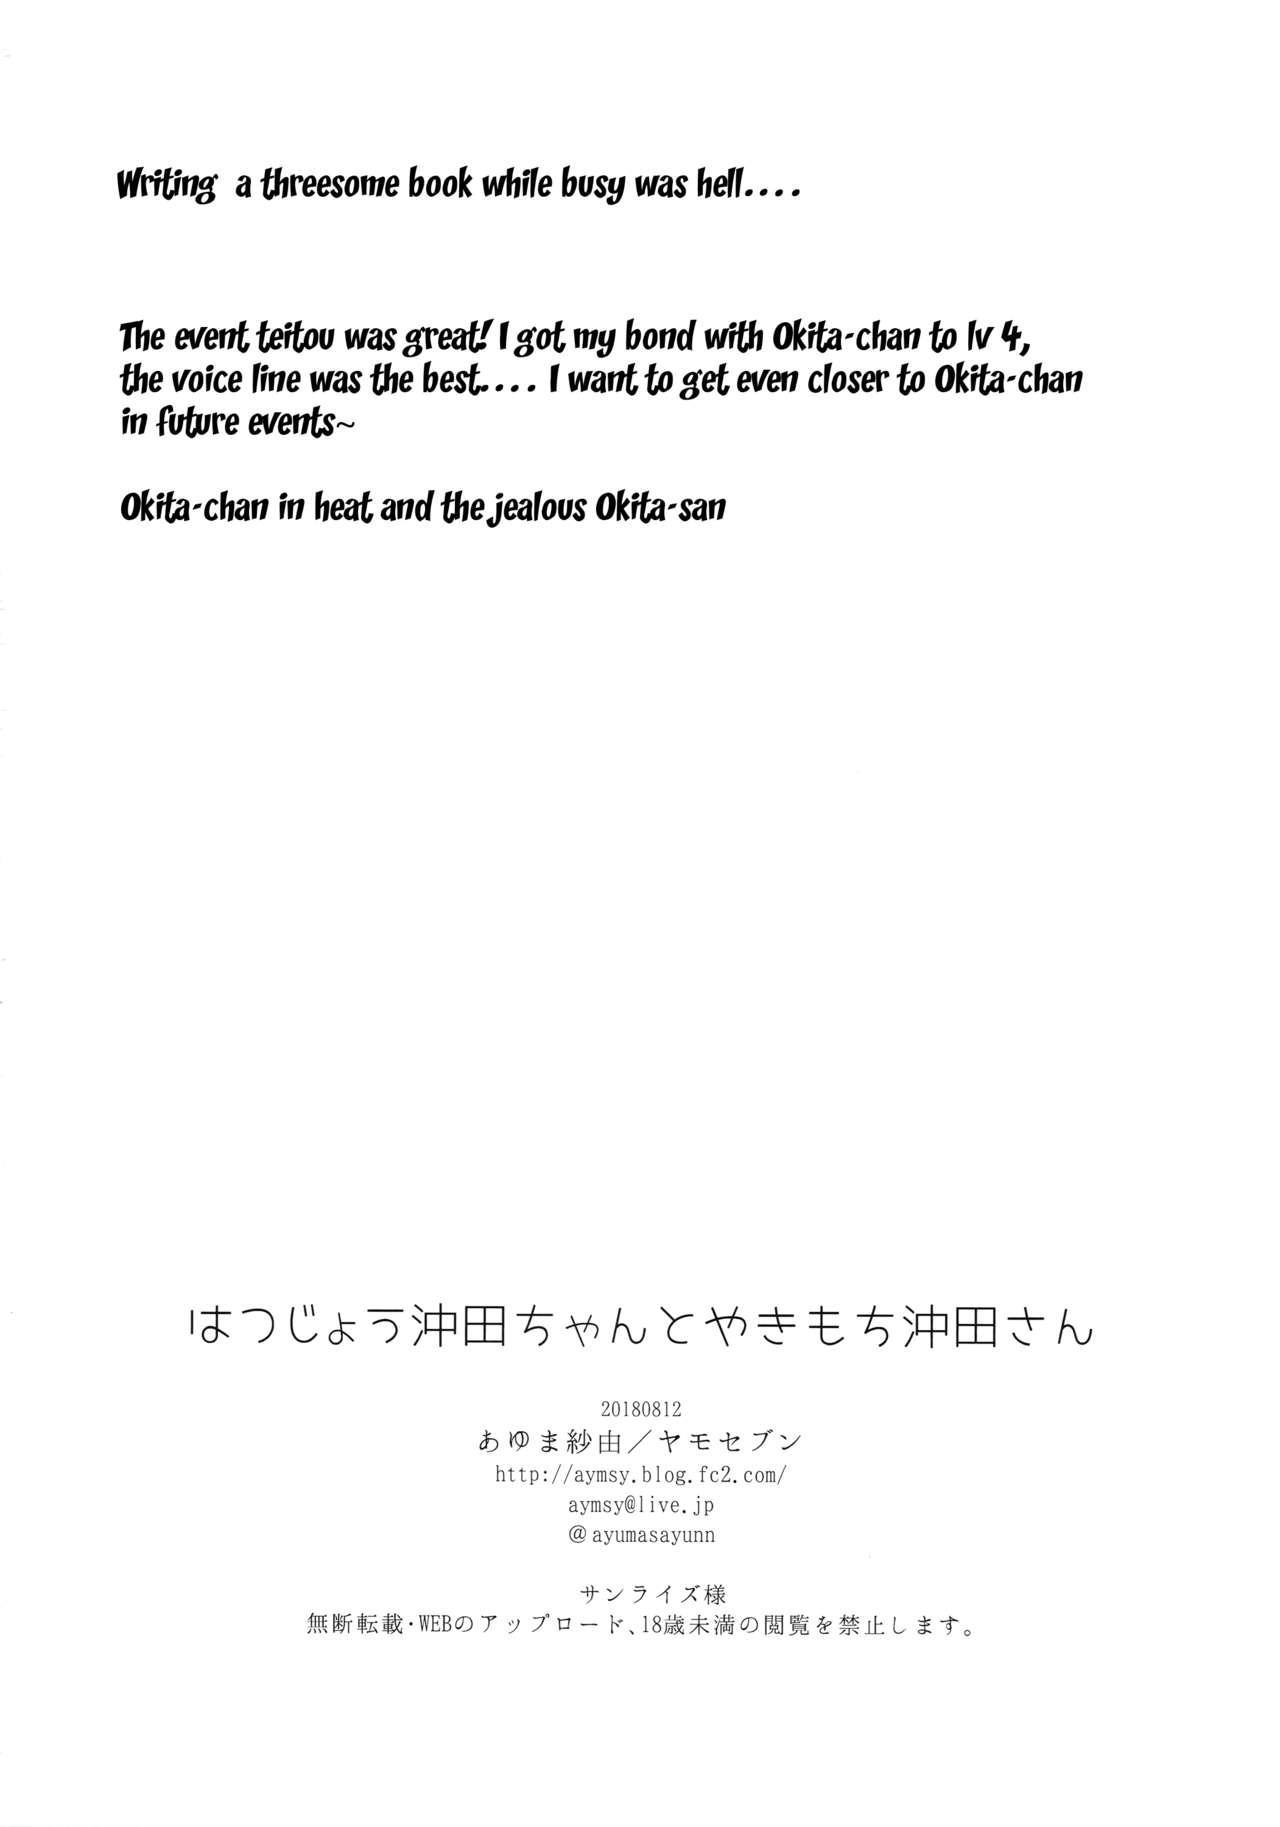 (C94) [Yamo7 (Ayuma Sayu)] Hatsujou Okita-chan to Yakimochi Okita-san (Fate/Grand Order) [English] [Doujins.com] 23